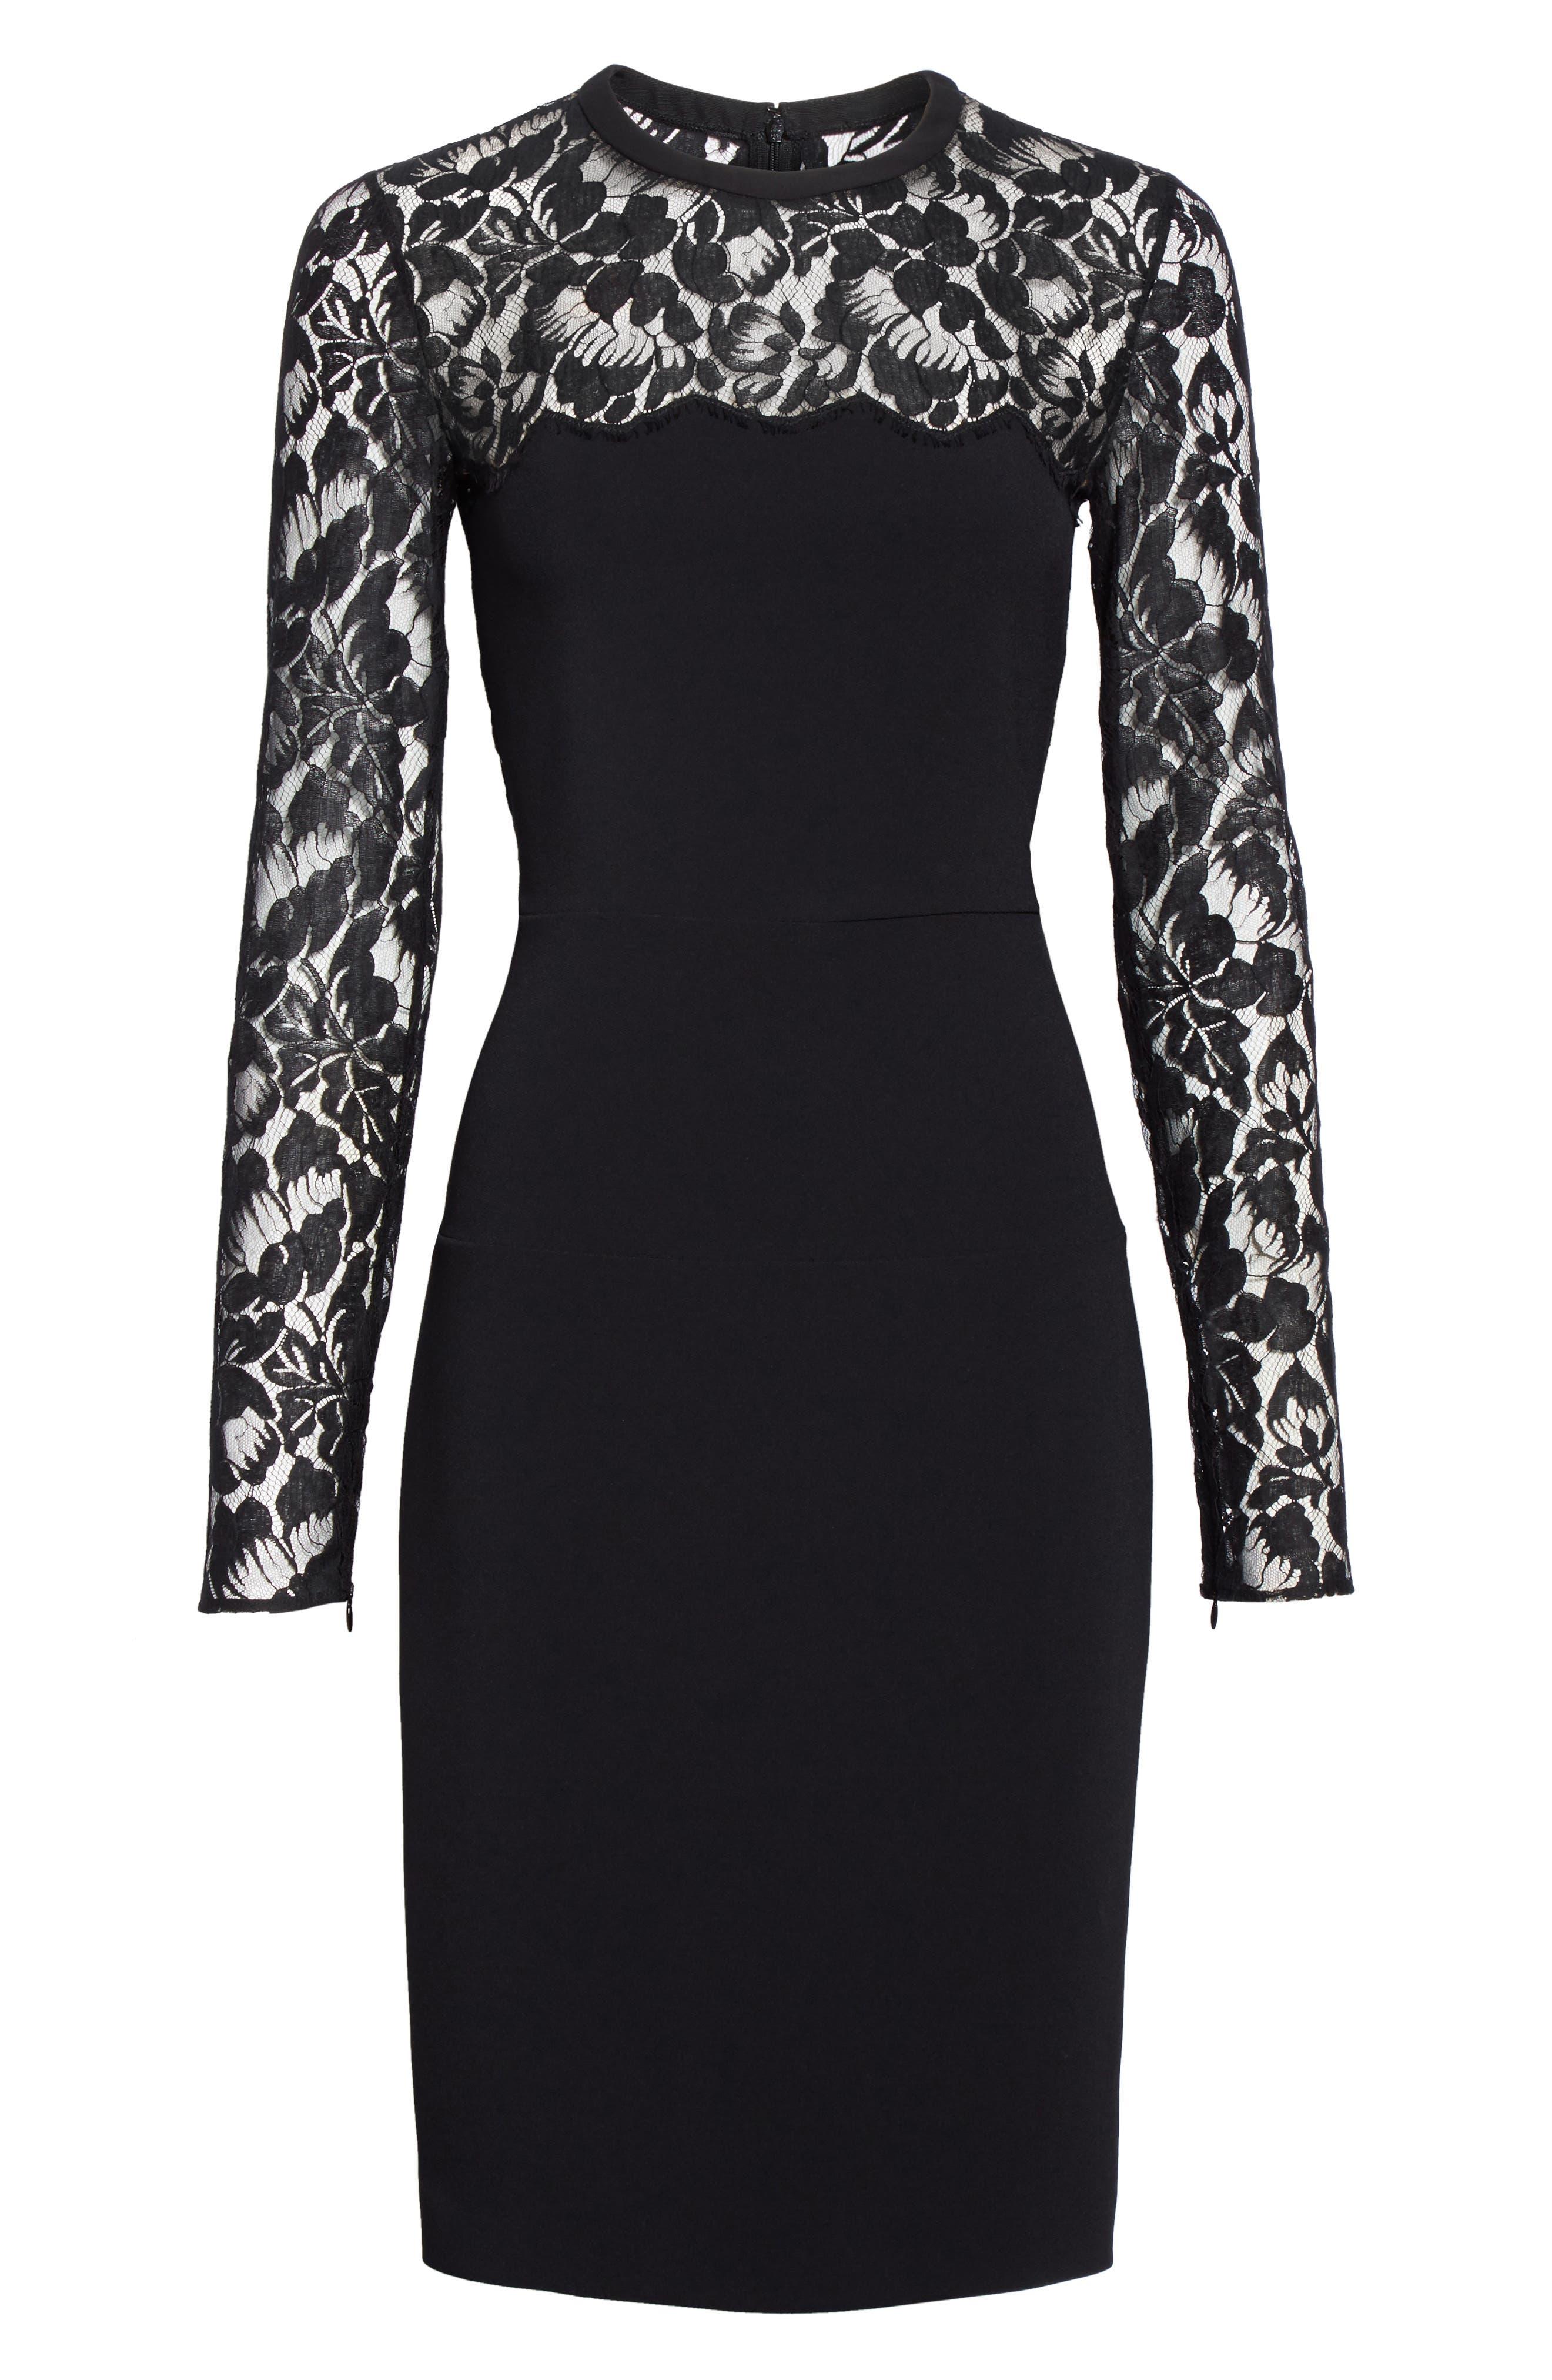 Lace Illusion Sheath Dress,                             Alternate thumbnail 4, color,                             Black